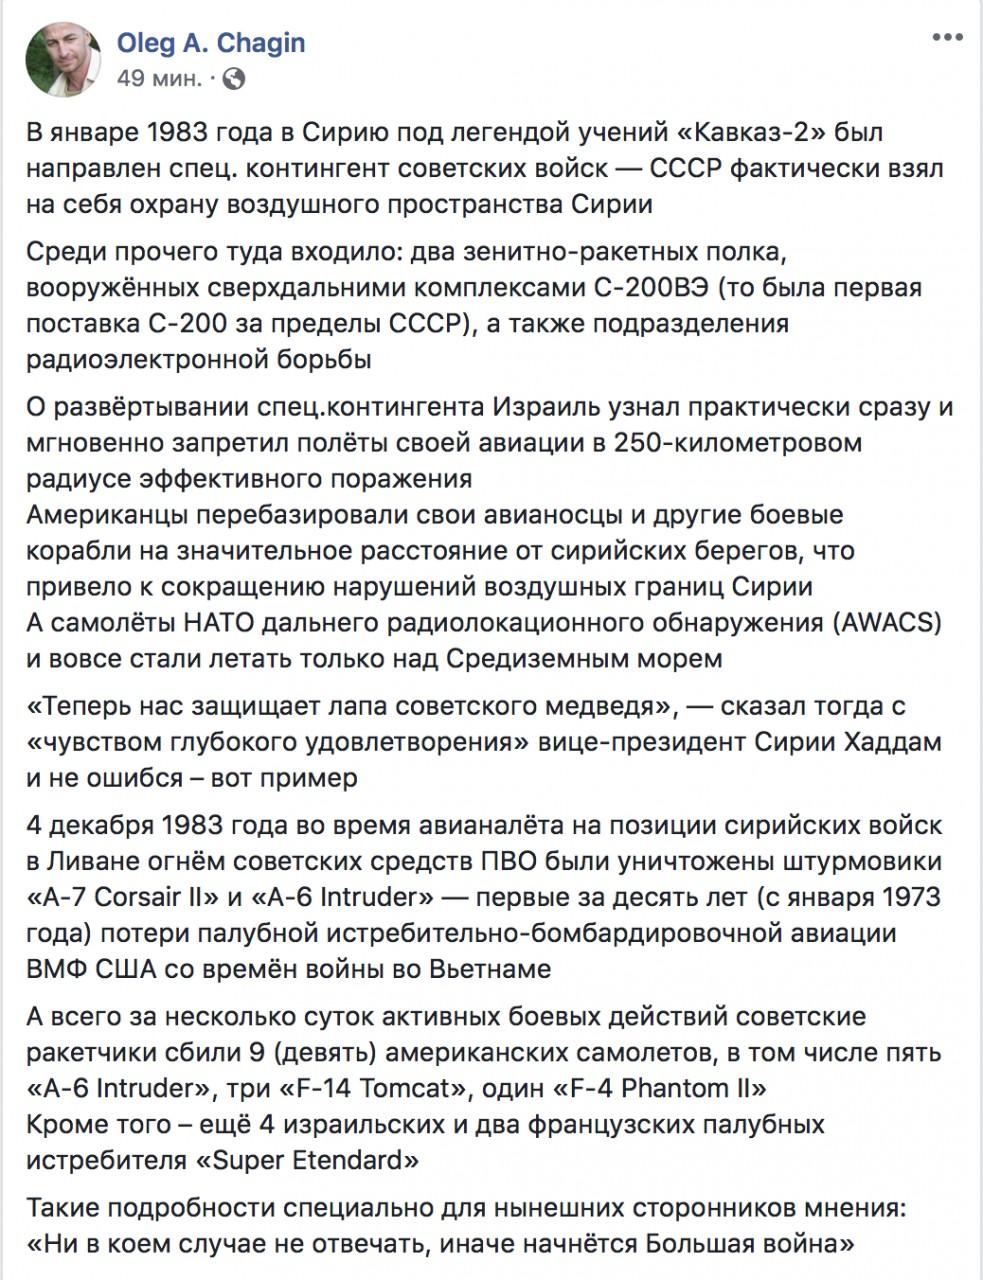 Сильна была советская власть